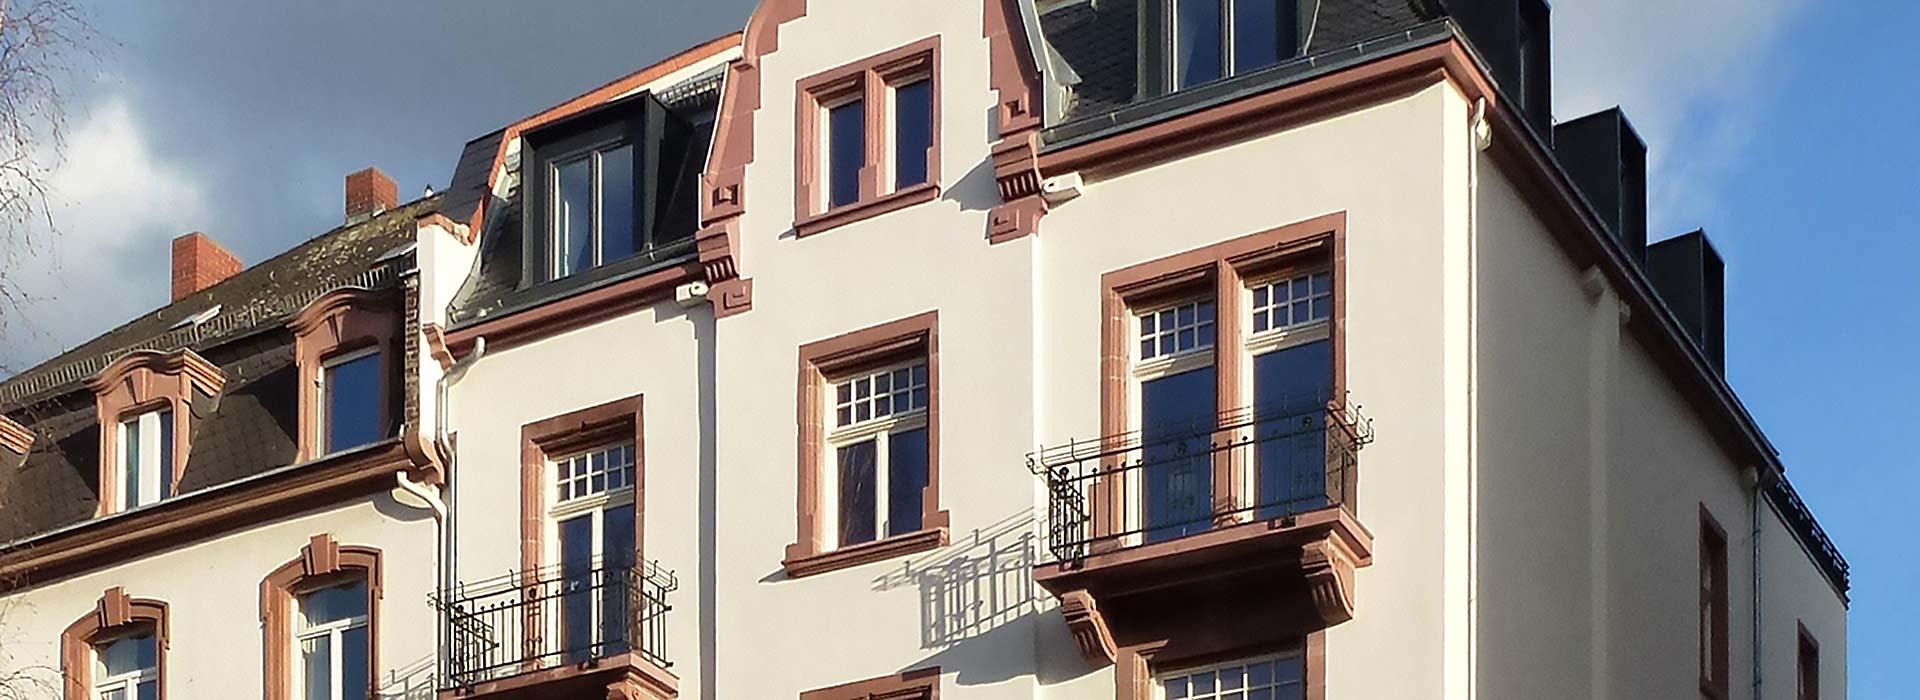 Frankfurt Bockenheim – Wohnungsbau Altbau – Gerstner Kaluza Architektur Frankfurt